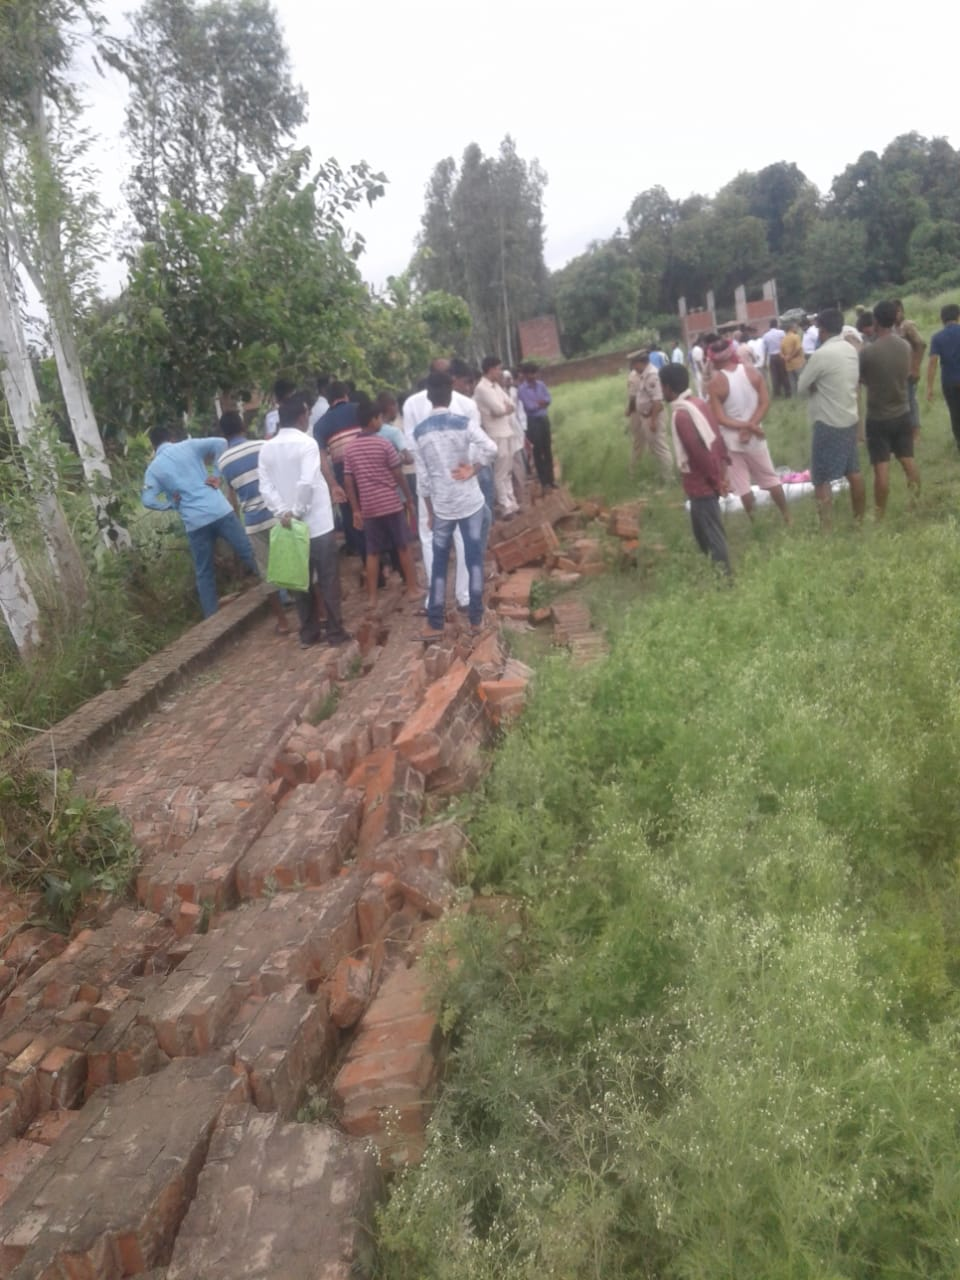 हिंदी समाचार | कादीपुर में दीवार ढहने से युवक की दर्दनाक मौत